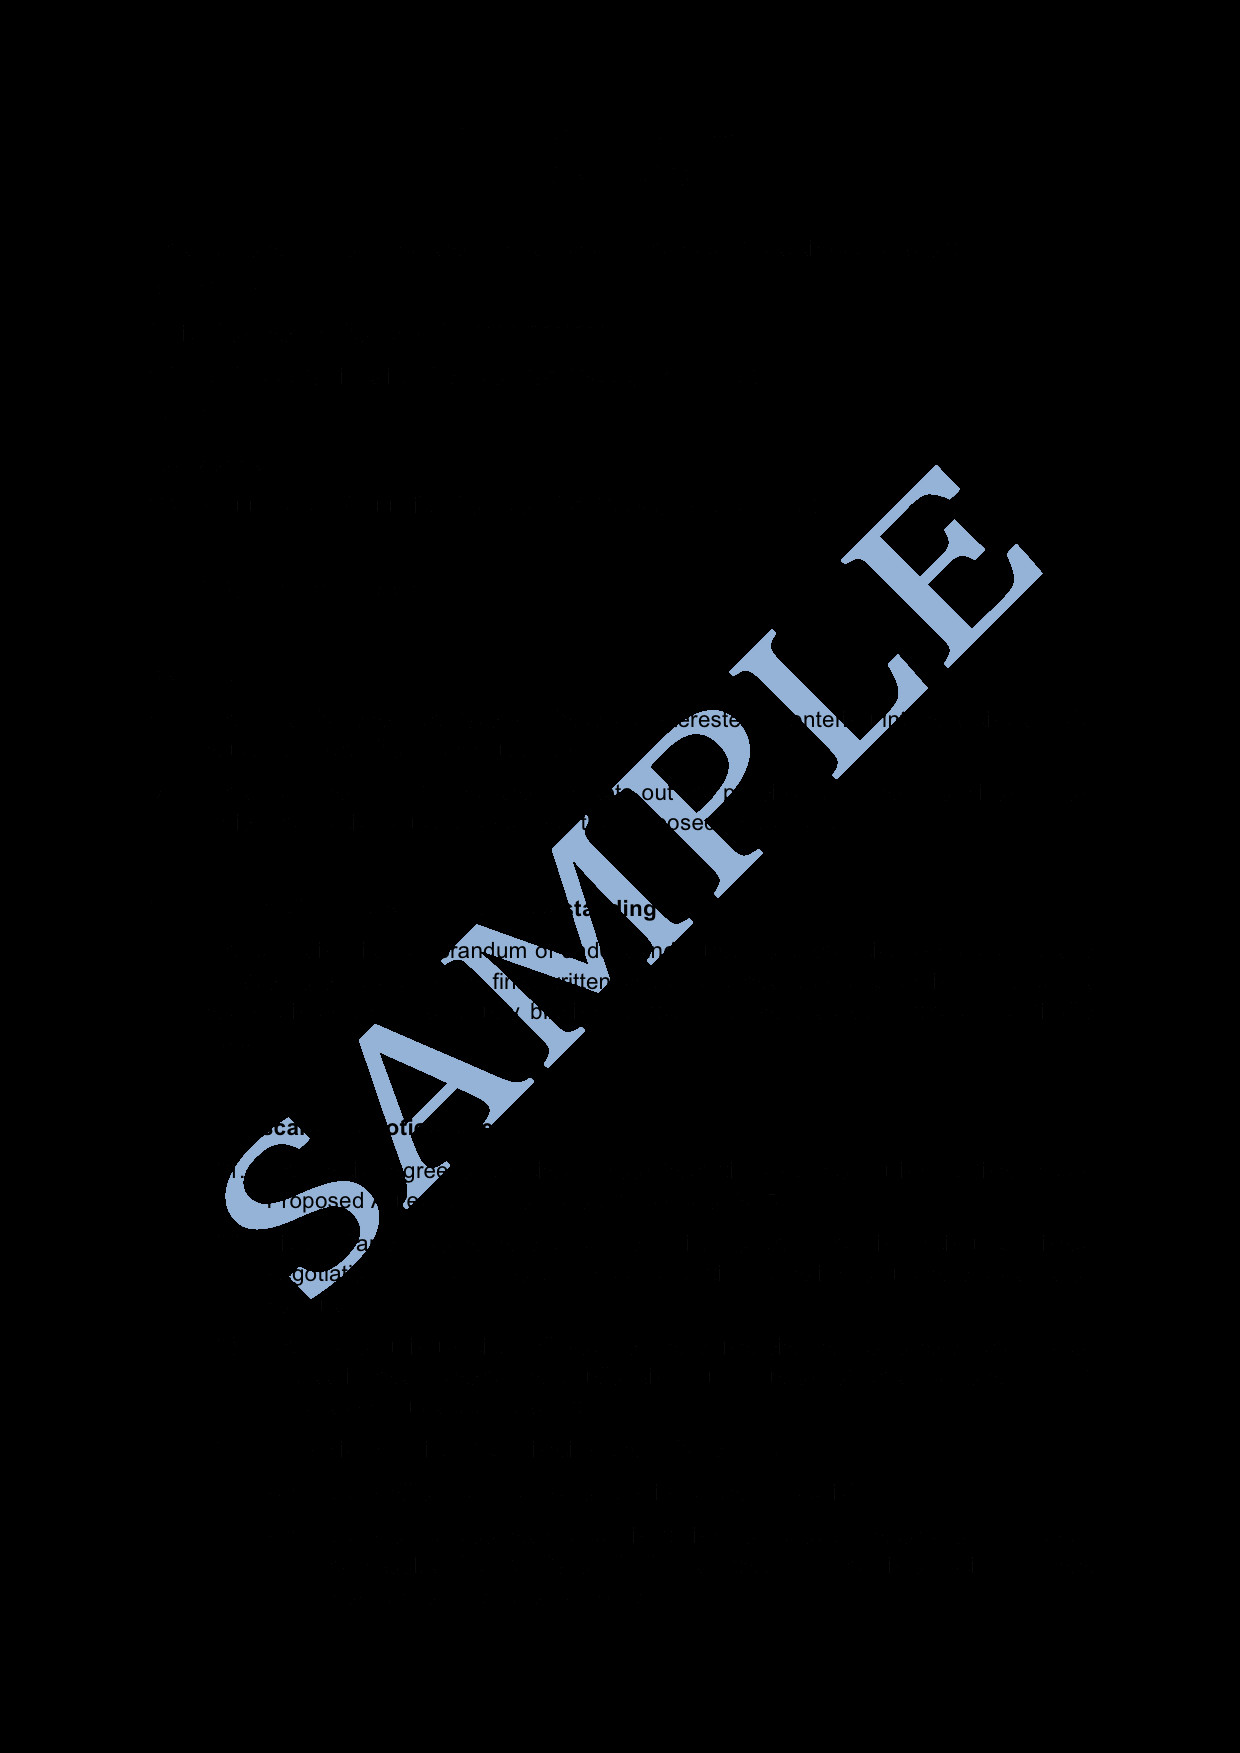 Memorandum Of Understanding Sample Memorandum Of Understanding Sample Lawpath